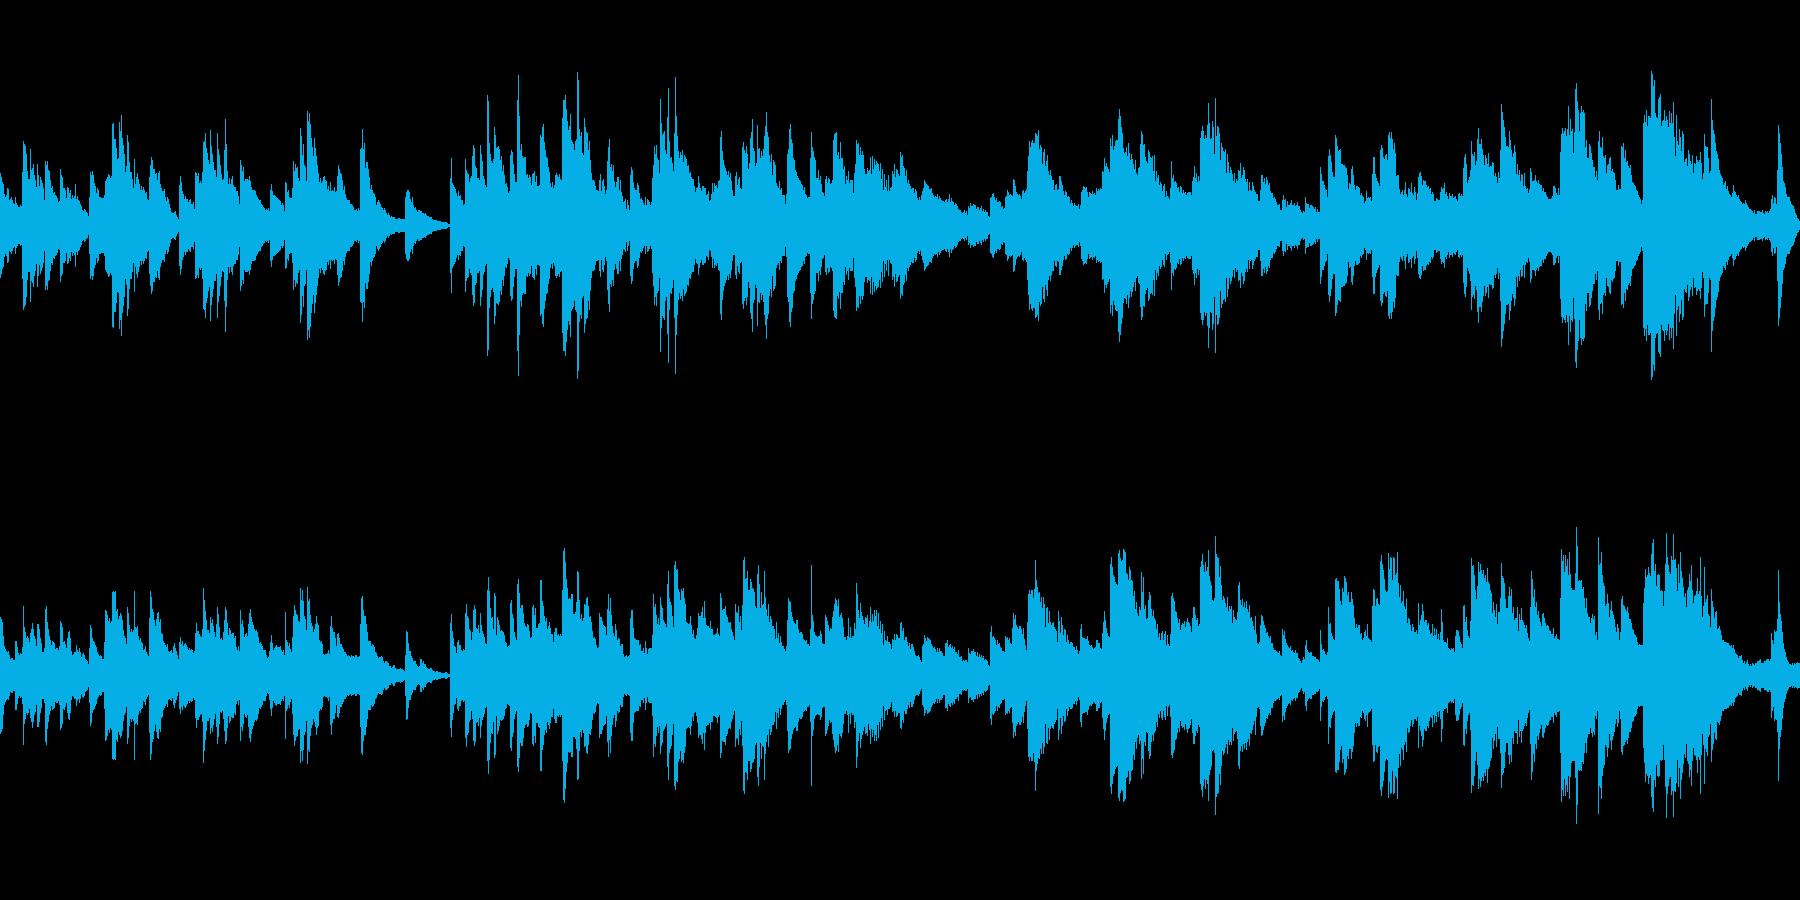 お天気予報で流れてそうなループ曲の再生済みの波形